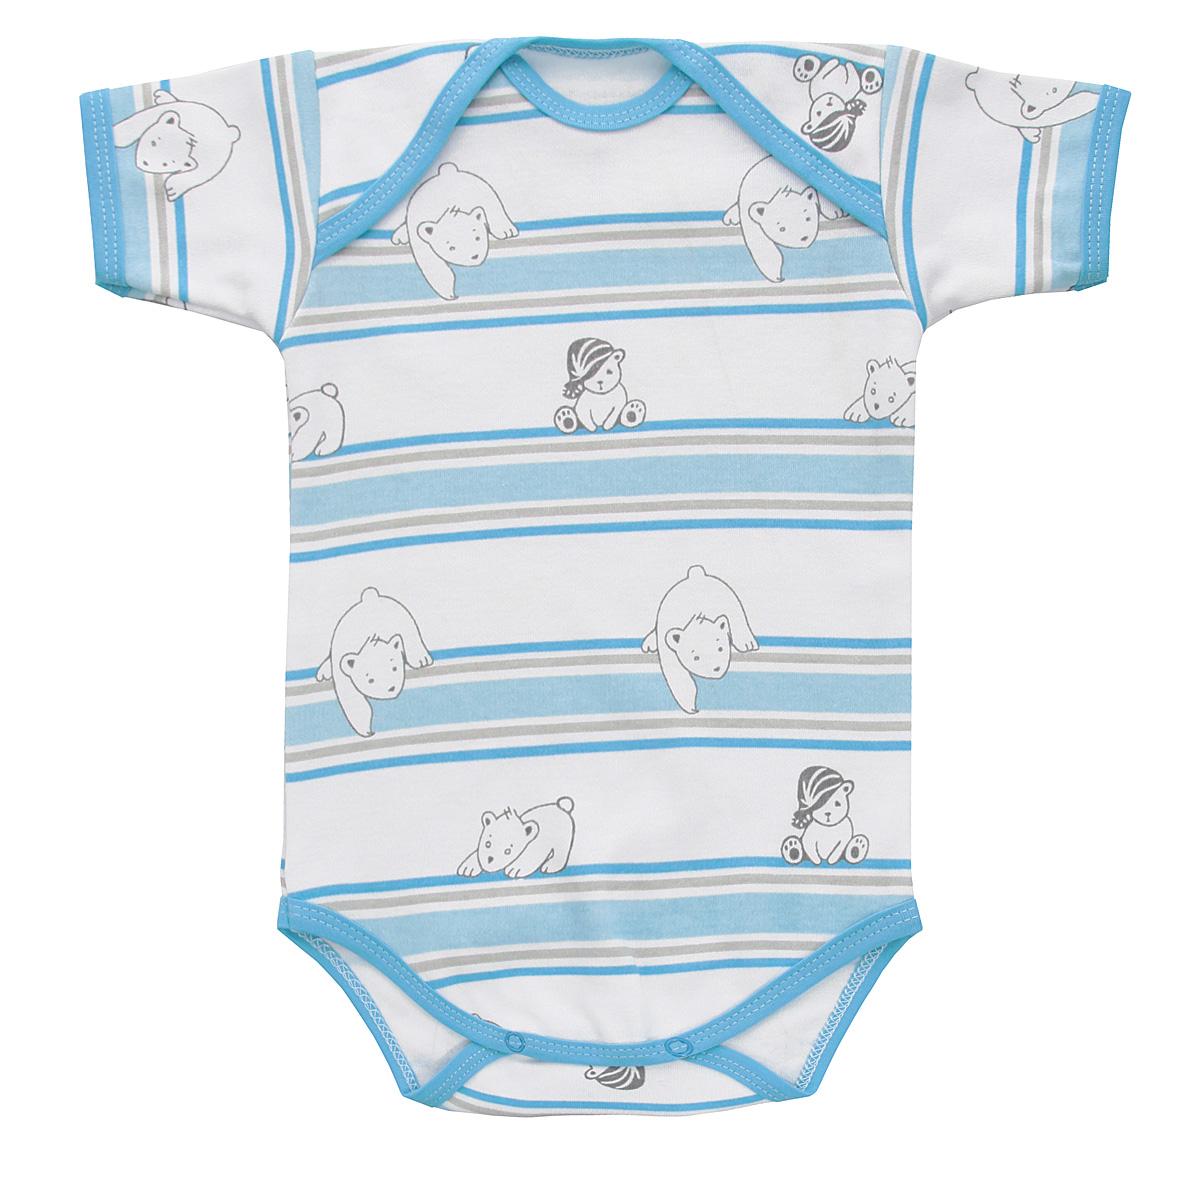 Боди-футболка детская Трон-плюс, цвет: белый, голубой. 5873_мишка, полоска. Размер 56, 1 месяц5873_мишка, полоскаУдобное детское боди-футболка Трон-плюс послужит идеальным дополнением к гардеробу вашего крохи, обеспечивая ему наибольший комфорт. Боди с короткими рукавами и круглым вырезом горловины изготовлено из интерлока -натурального хлопка, благодаря чему оно необычайно мягкое и легкое, не раздражает нежную кожу ребенка и хорошо вентилируется, а эластичные швы приятны телу младенца и не препятствуют его движениям. Удобные запахи на плечах и кнопки на ластовице помогают легко переодеть ребенка или сменить подгузник. Вырез горловины, запахи, низ рукавов и ластовица дополнены бейкой. Оформлена модель принтом в полоску, а также изображениями медвежат. Боди полностью соответствует особенностям жизни ребенка в ранний период, не стесняя и не ограничивая его в движениях. В нем ваш ребенок всегда будет в центре внимания.